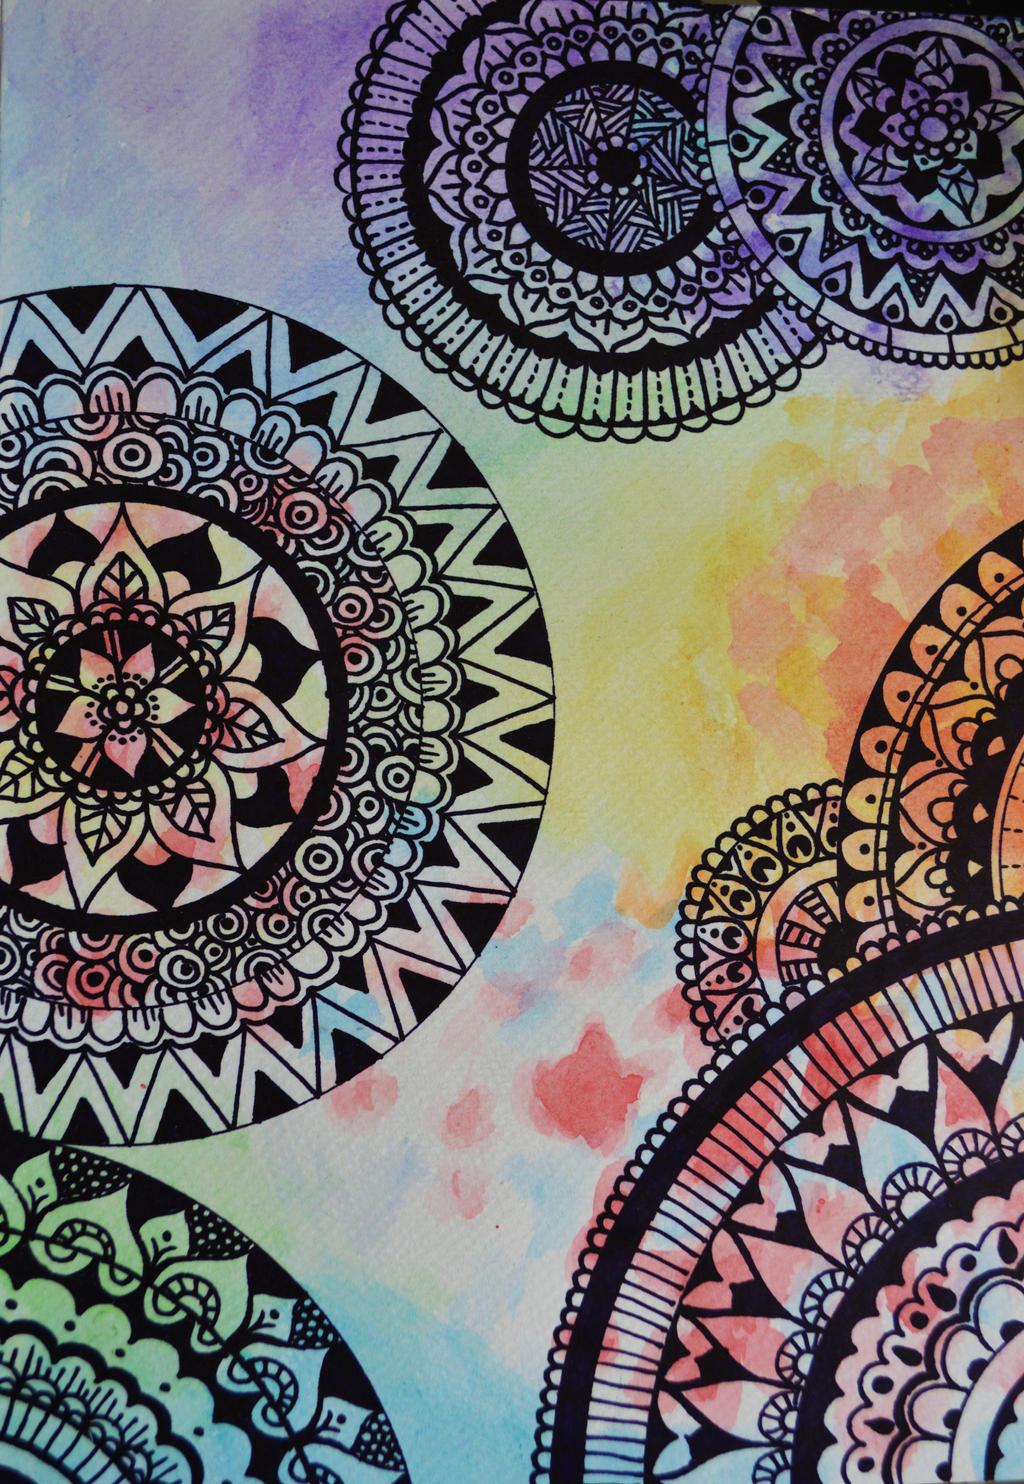 Watercolor zendoodle by EverestPhoto